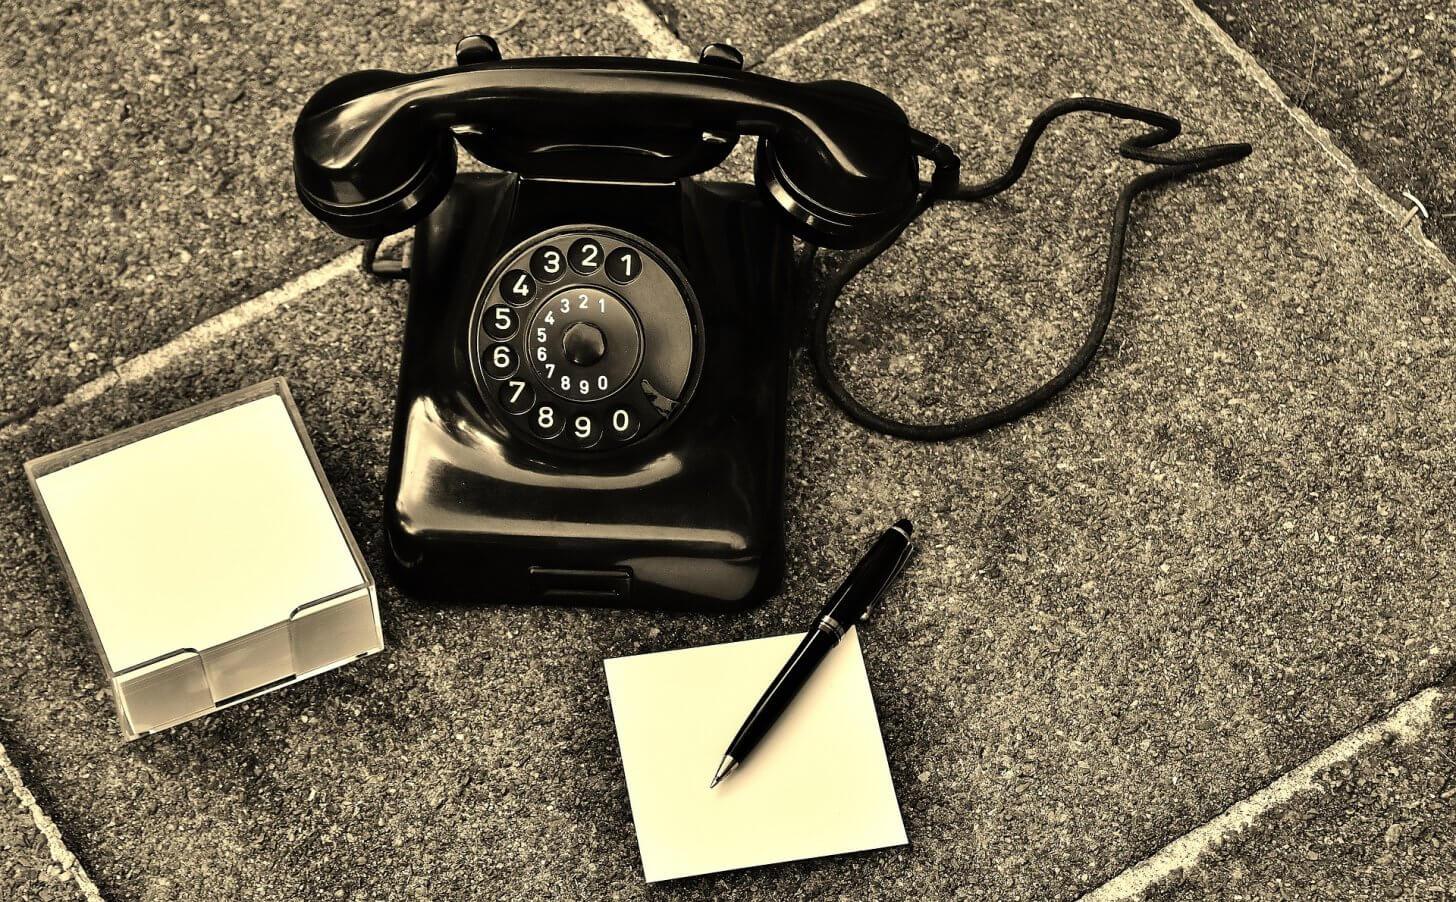 長電話はもう嫌だ!早く切りたい電話の上手な切り方や断る方法5選